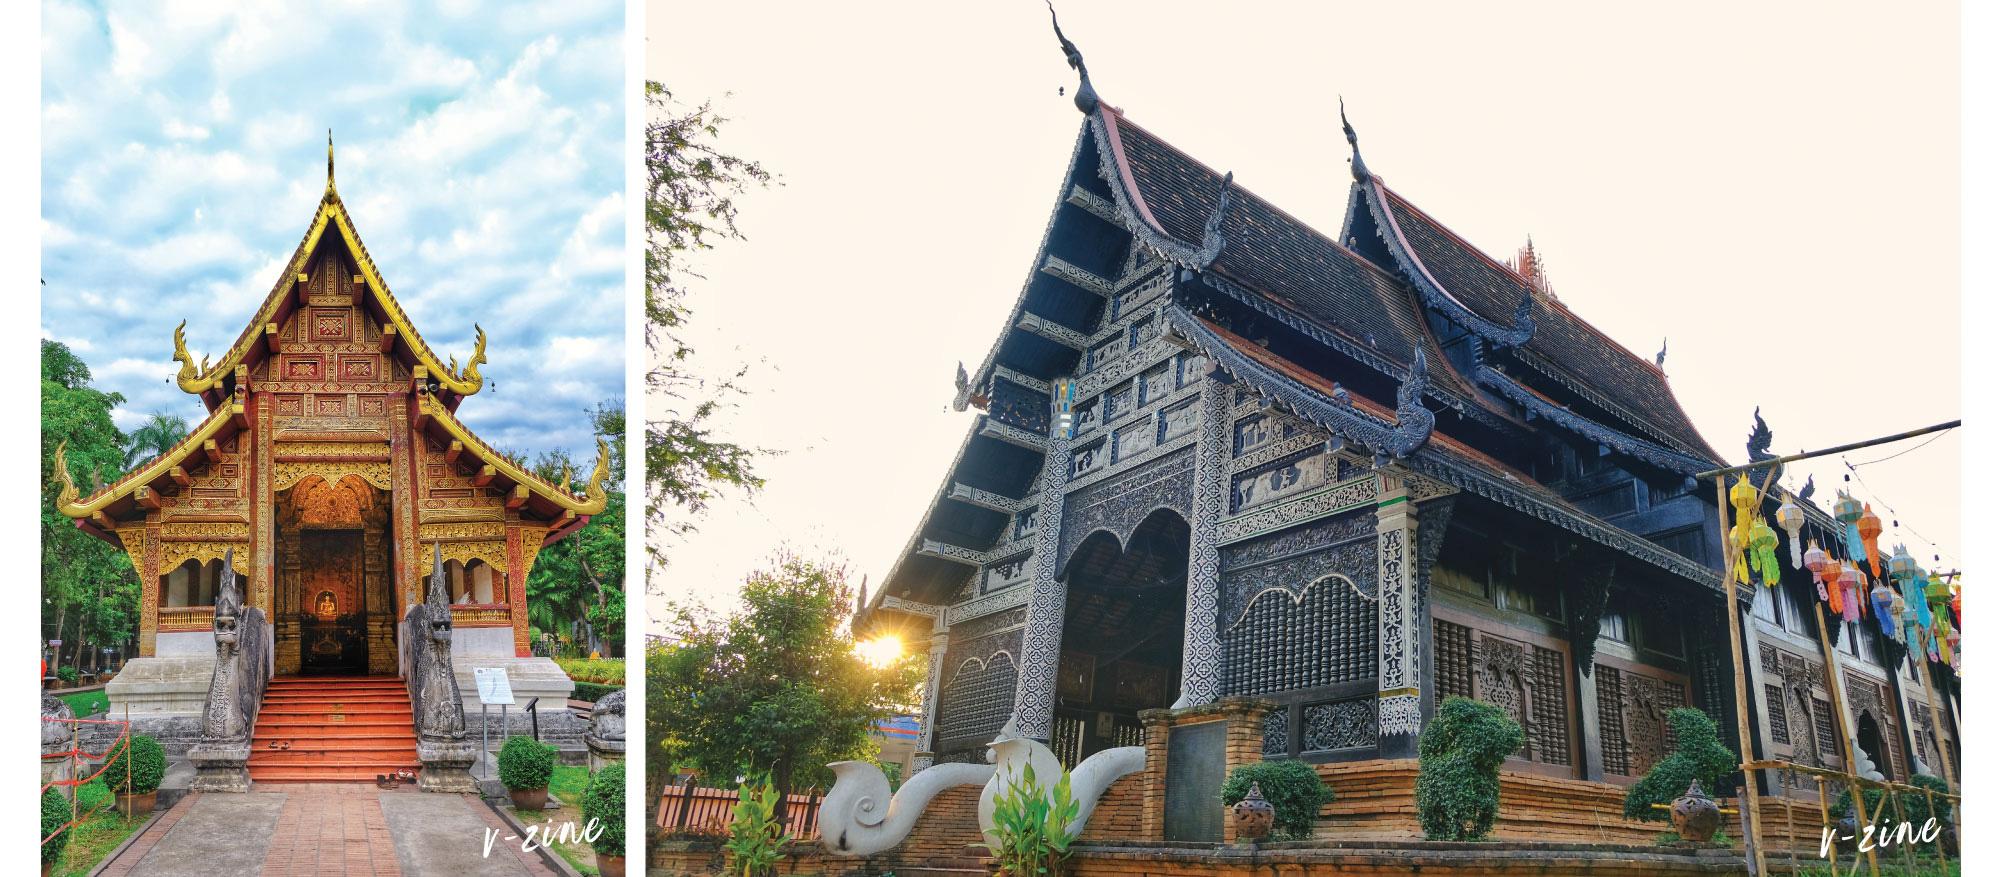 Ngoài lễ hội đèn trời, Chiang Mai còn có gì hấp dẫn du khách? - Ảnh 11.